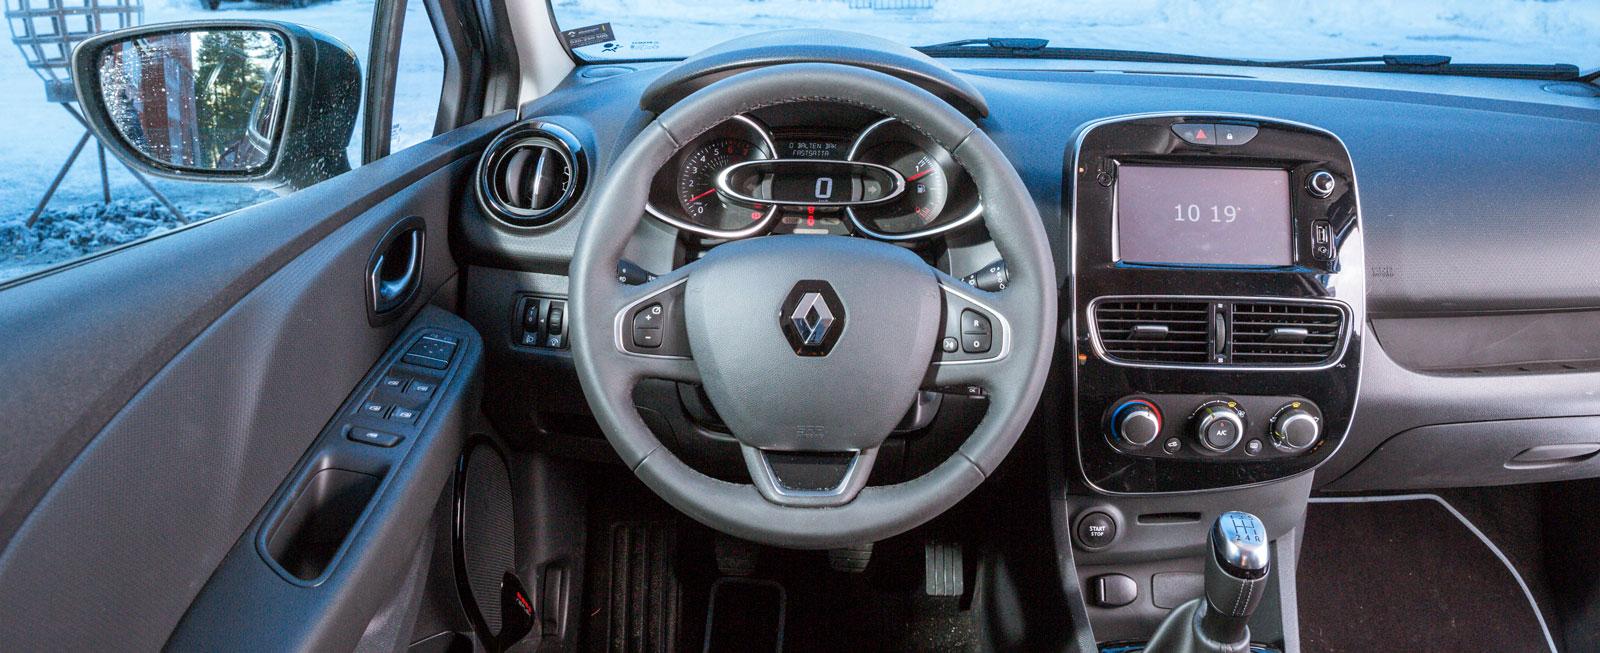 """Clio har fått lite mer ombonad känsla i och med """"ansiktslyftet"""". Lyckad kombination av knappar/rattar och lättskött multifunktionsskärm."""